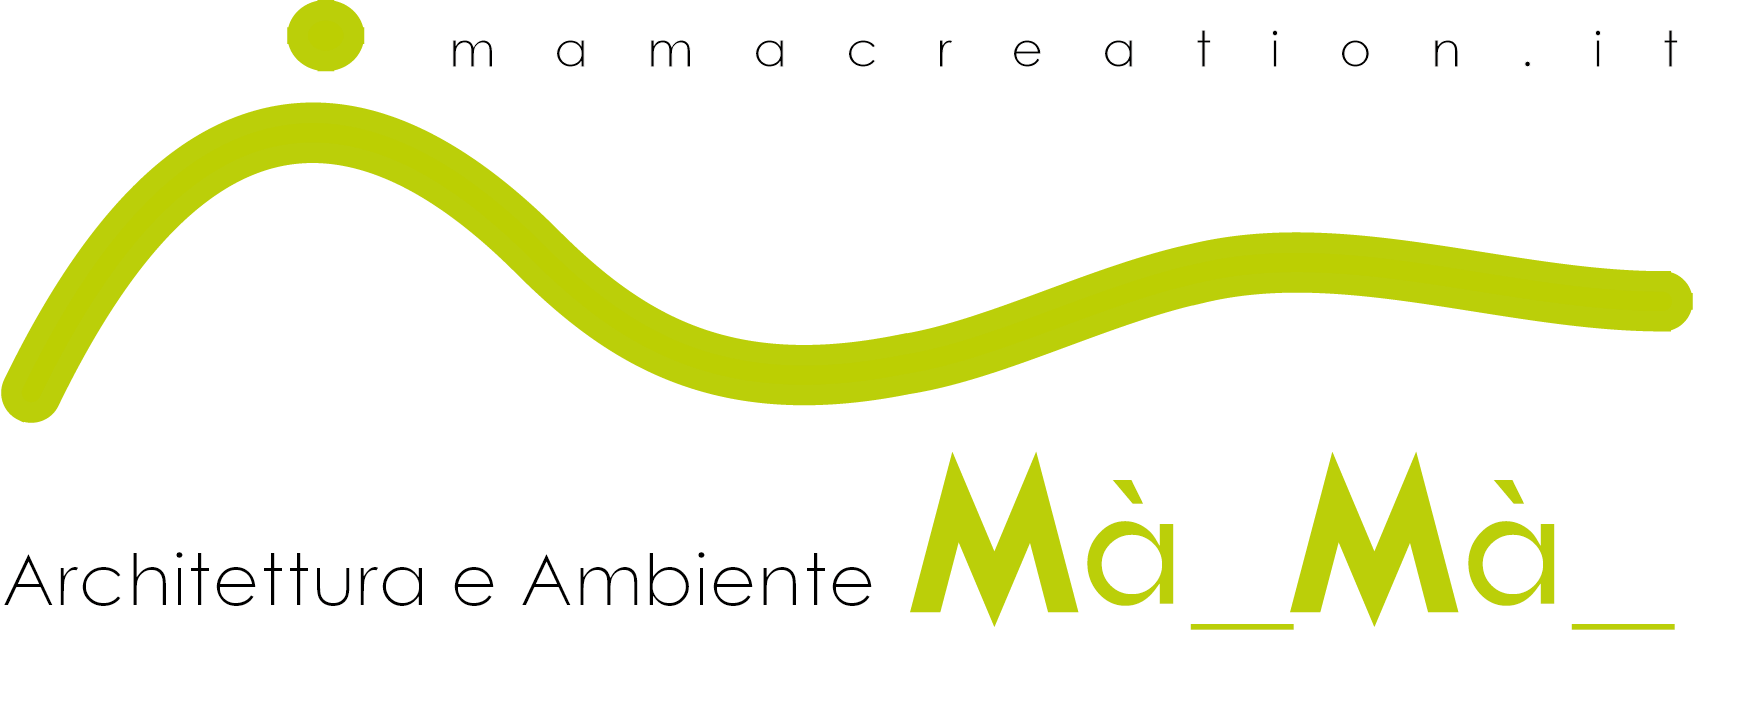 Architettura e Ambiente Mà_Mà_